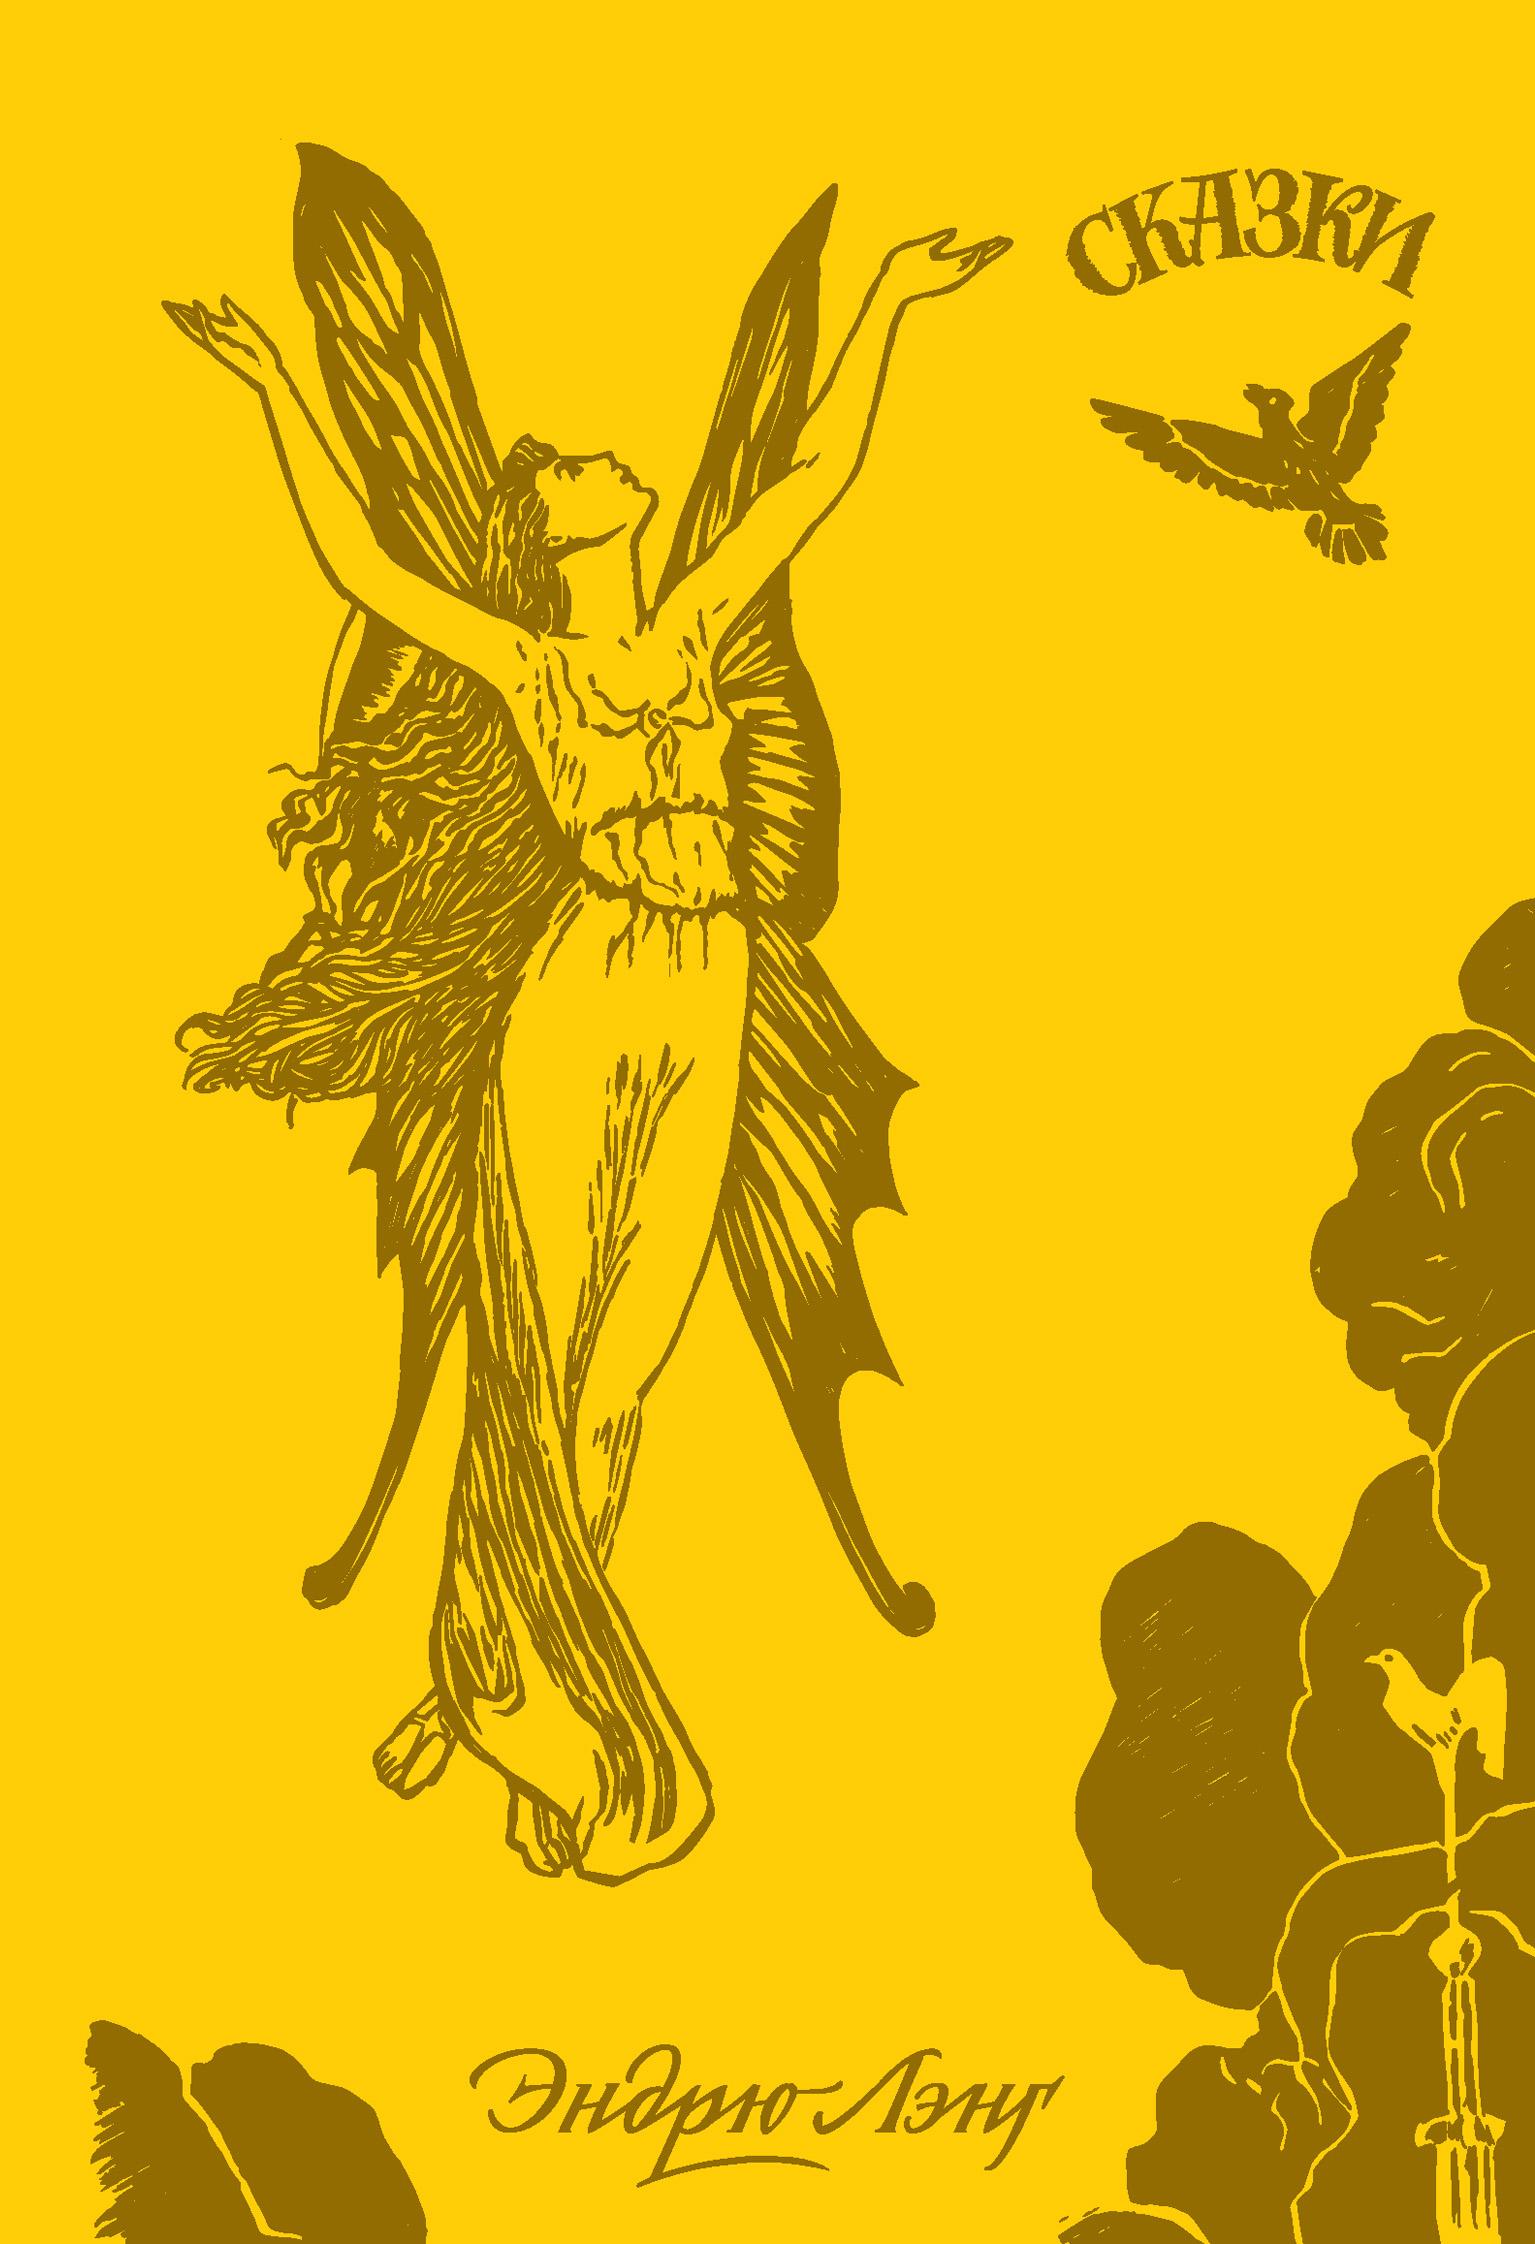 Эндрю Лэнг Жёлтая книга сказок розовая книга сказок из собрания эндрю лэнга цветные сказки выходившего в 1889 1910 годах